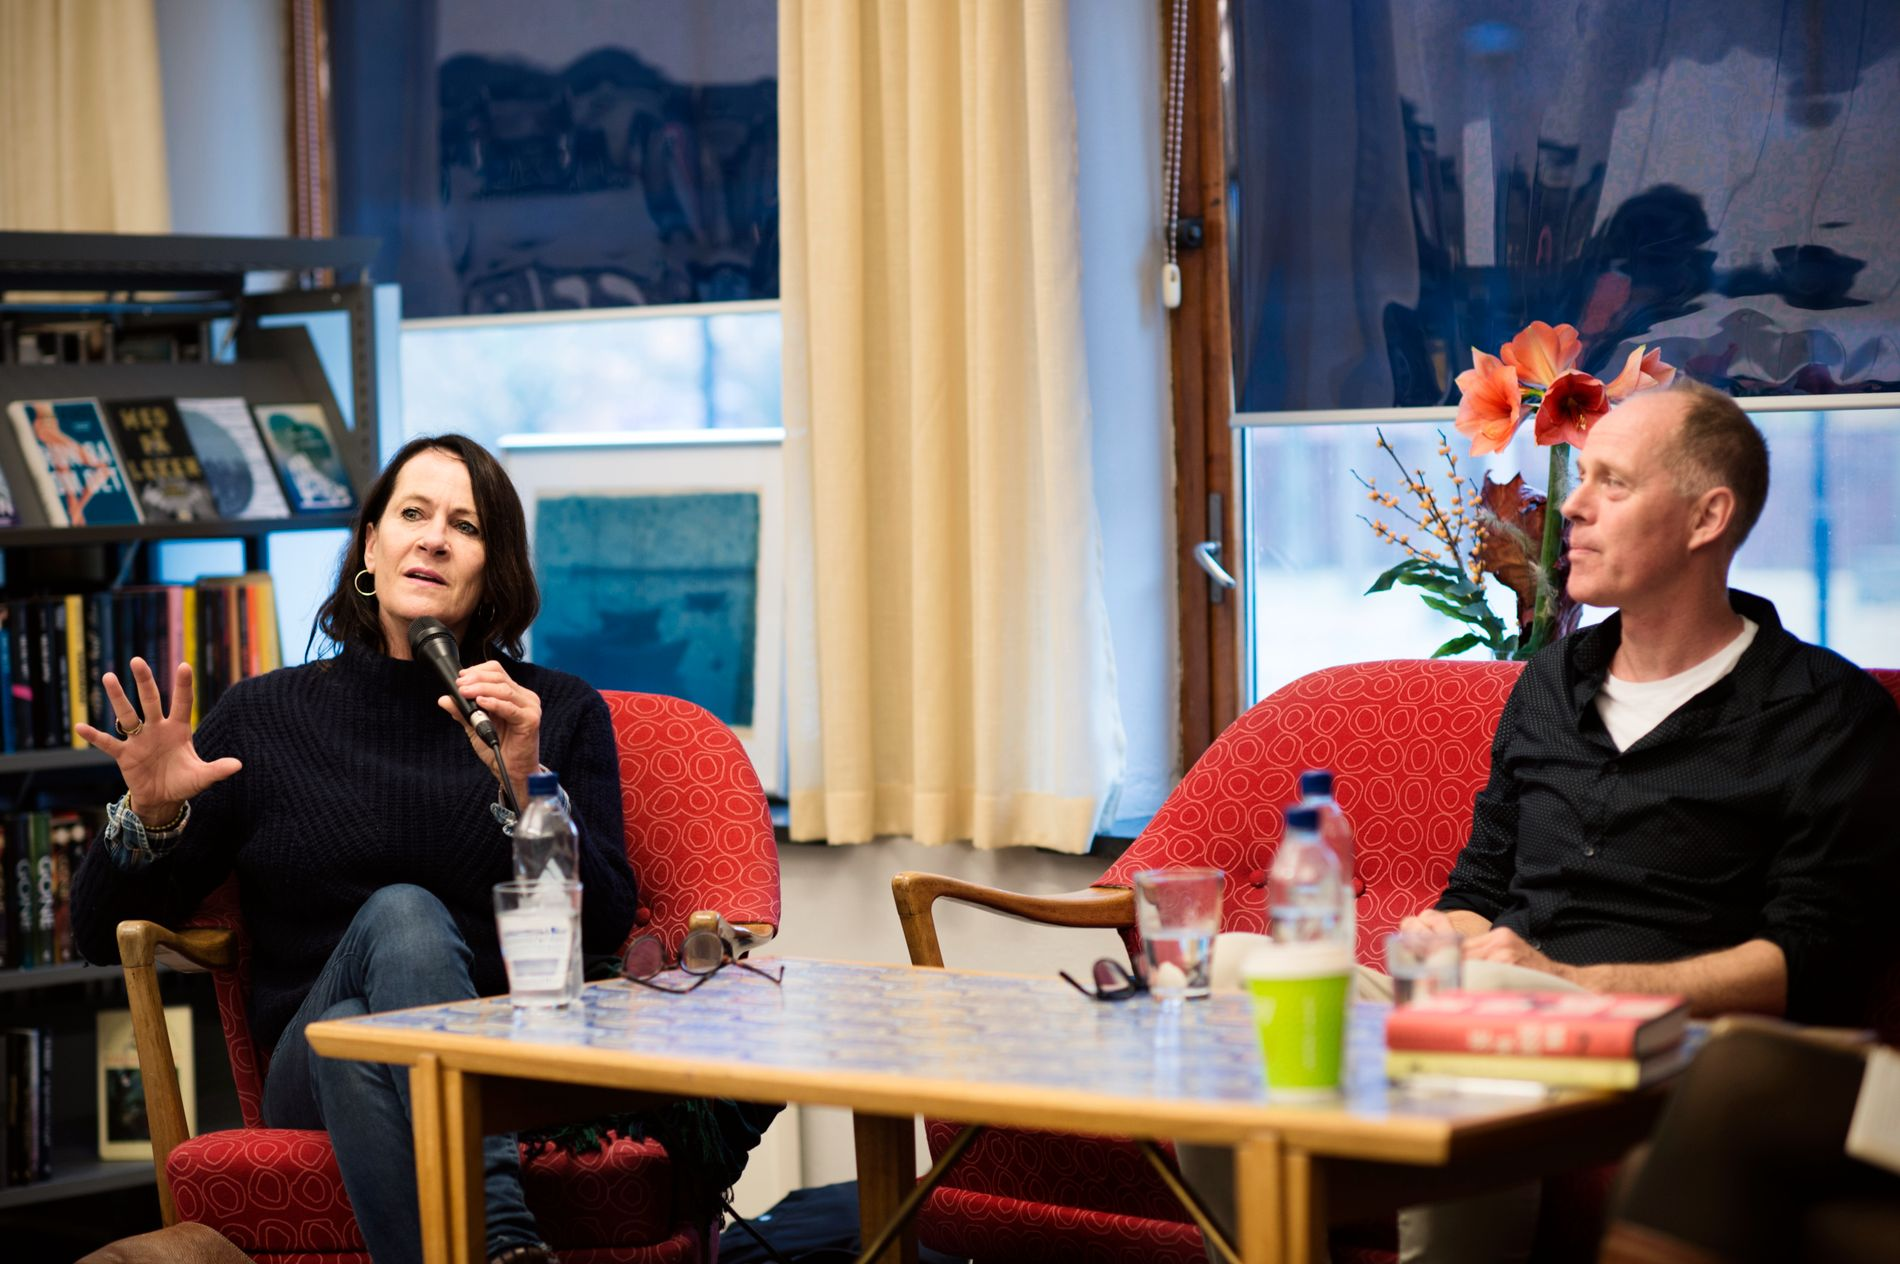 NYE BØKER: Fredag formiddag satt Vigdis Hjorth og kollega Geir Gulliksen på et fullstappet bibliotek og snakket om sine nye romanfigurer som om de var helt ekte, pustende mennesker, skriver Frode Bjerkestrand.